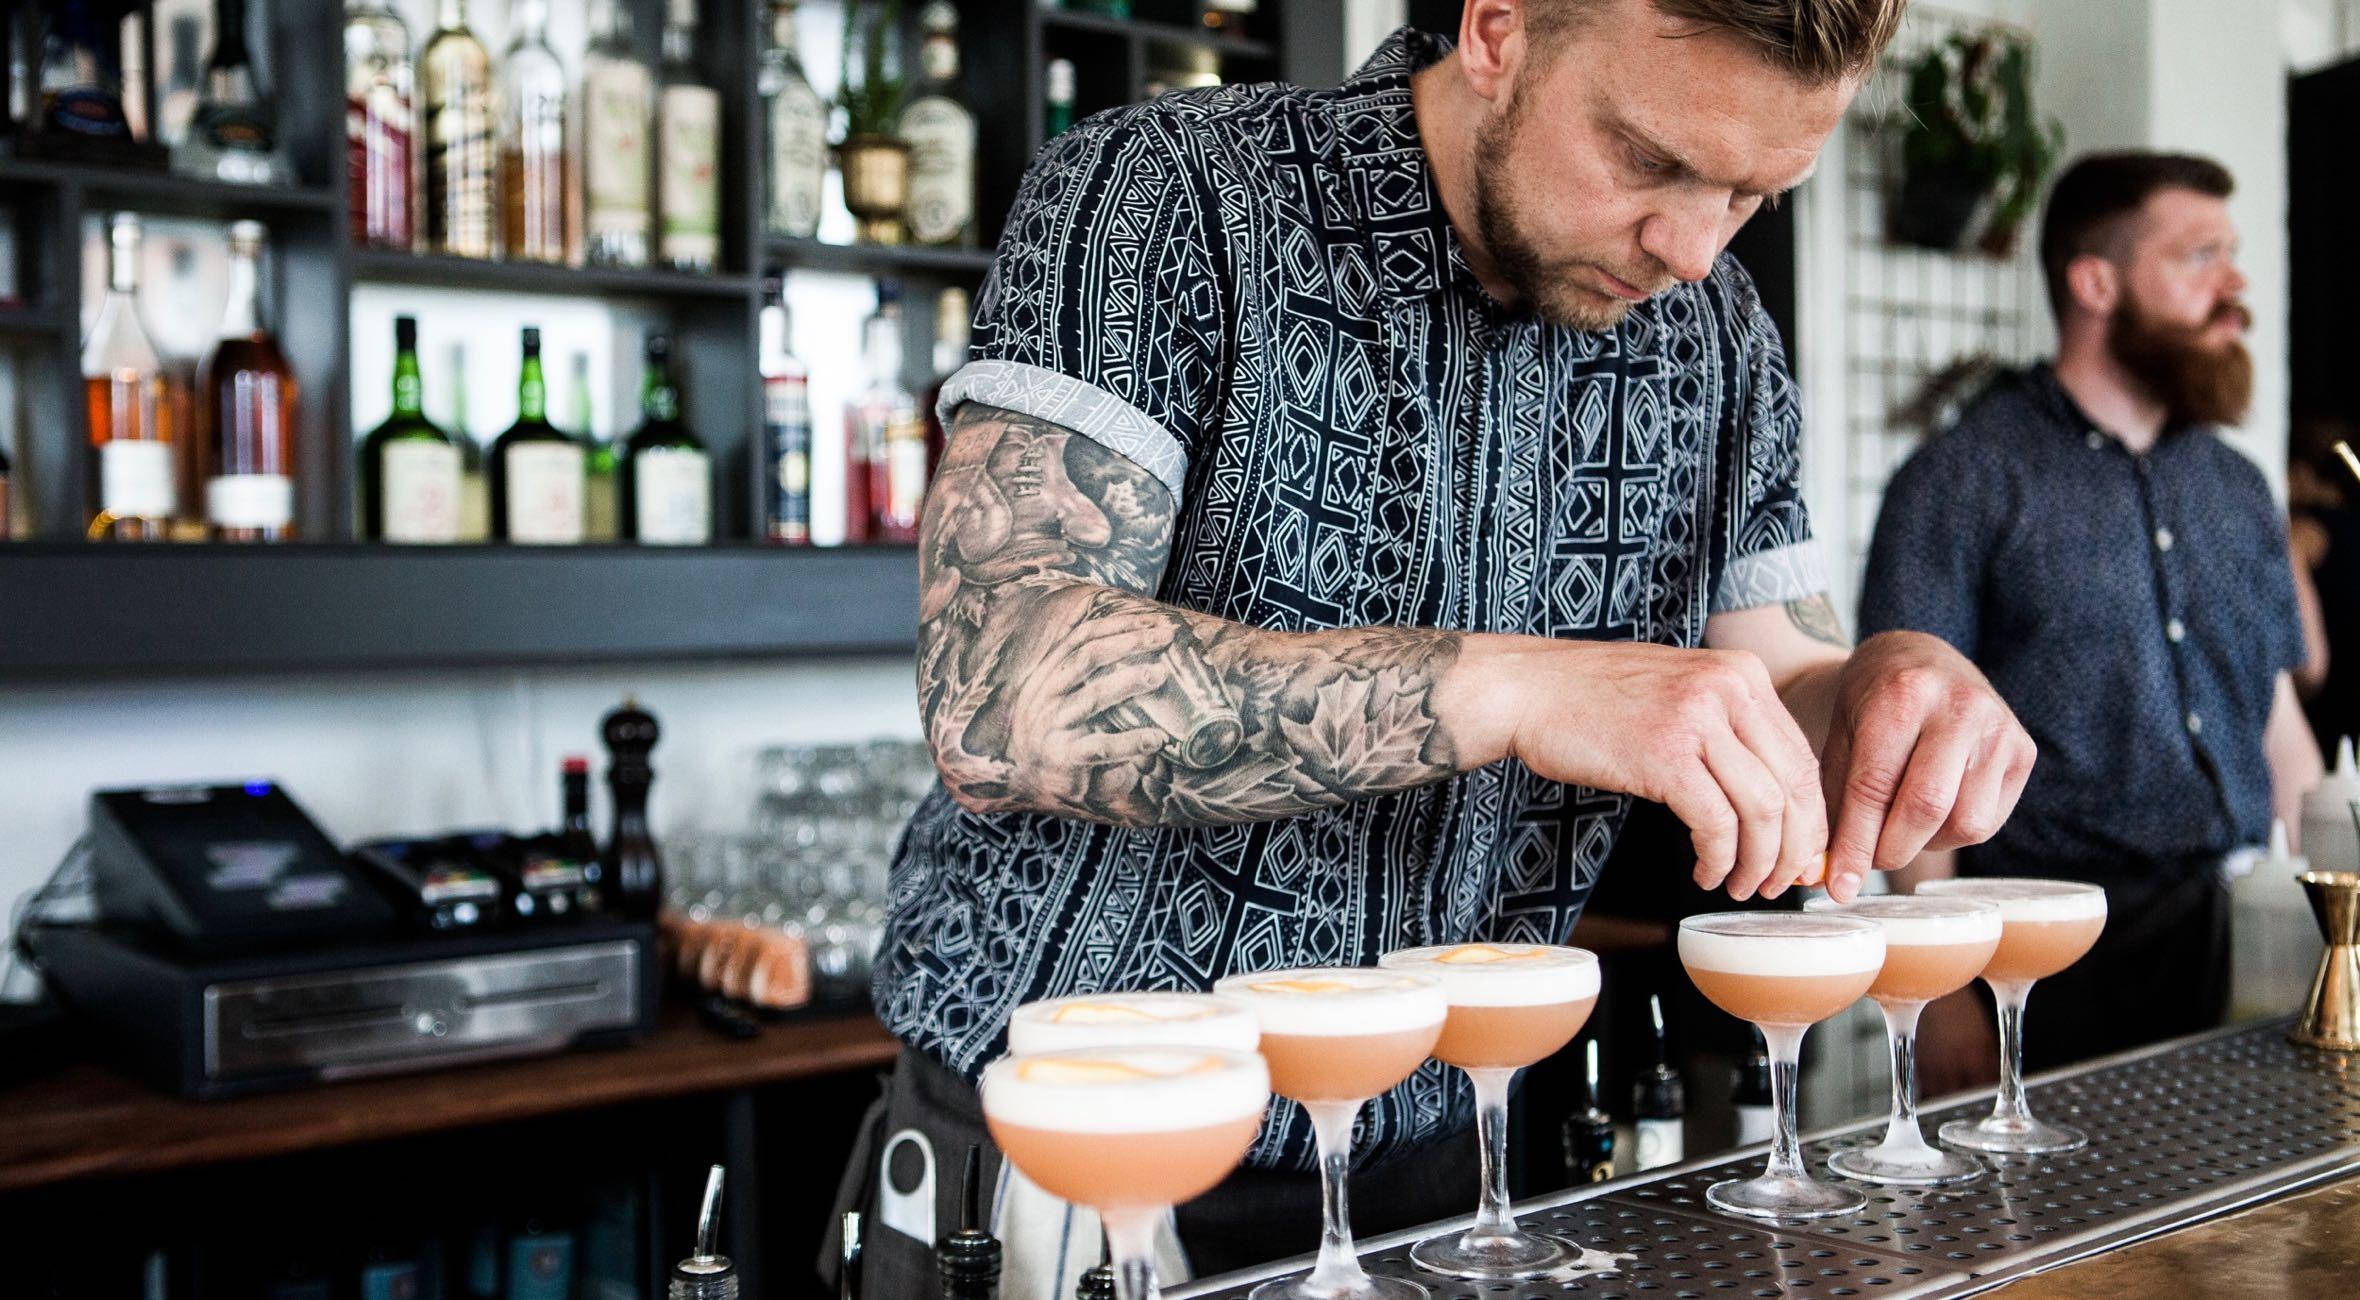 Frit valg til alt hos The Rusty Jigger på Vesterbro – Besøg én af byens bedste cocktailbarer